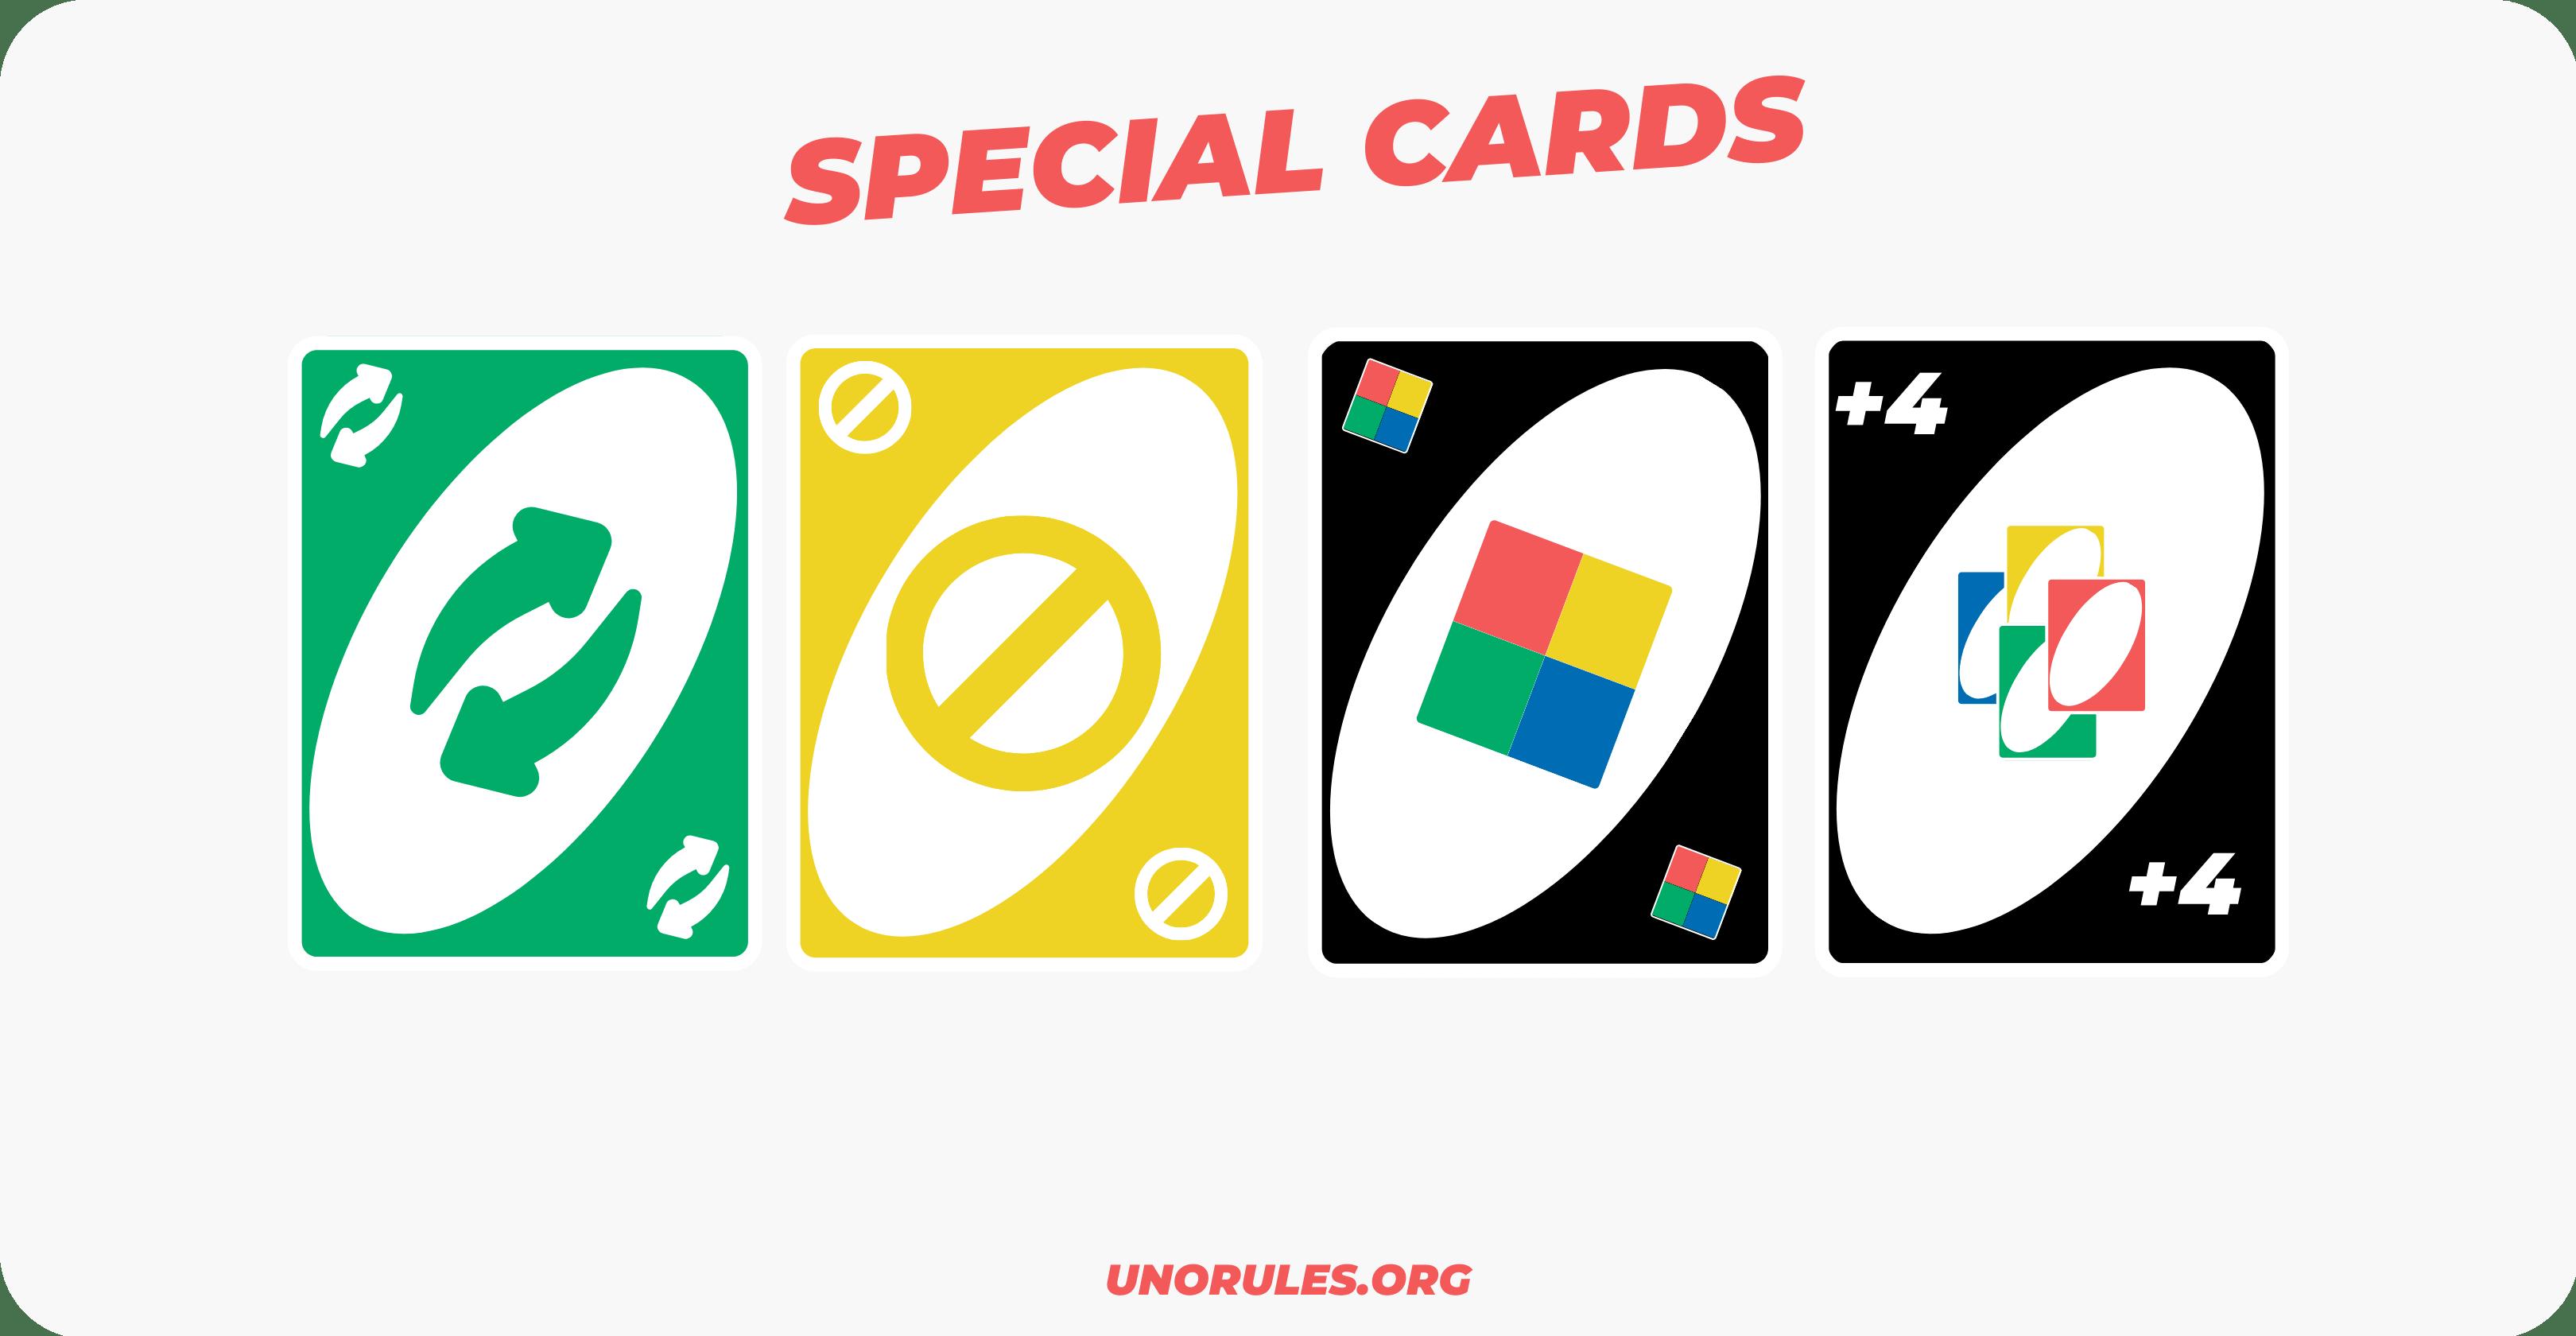 Uno special cards